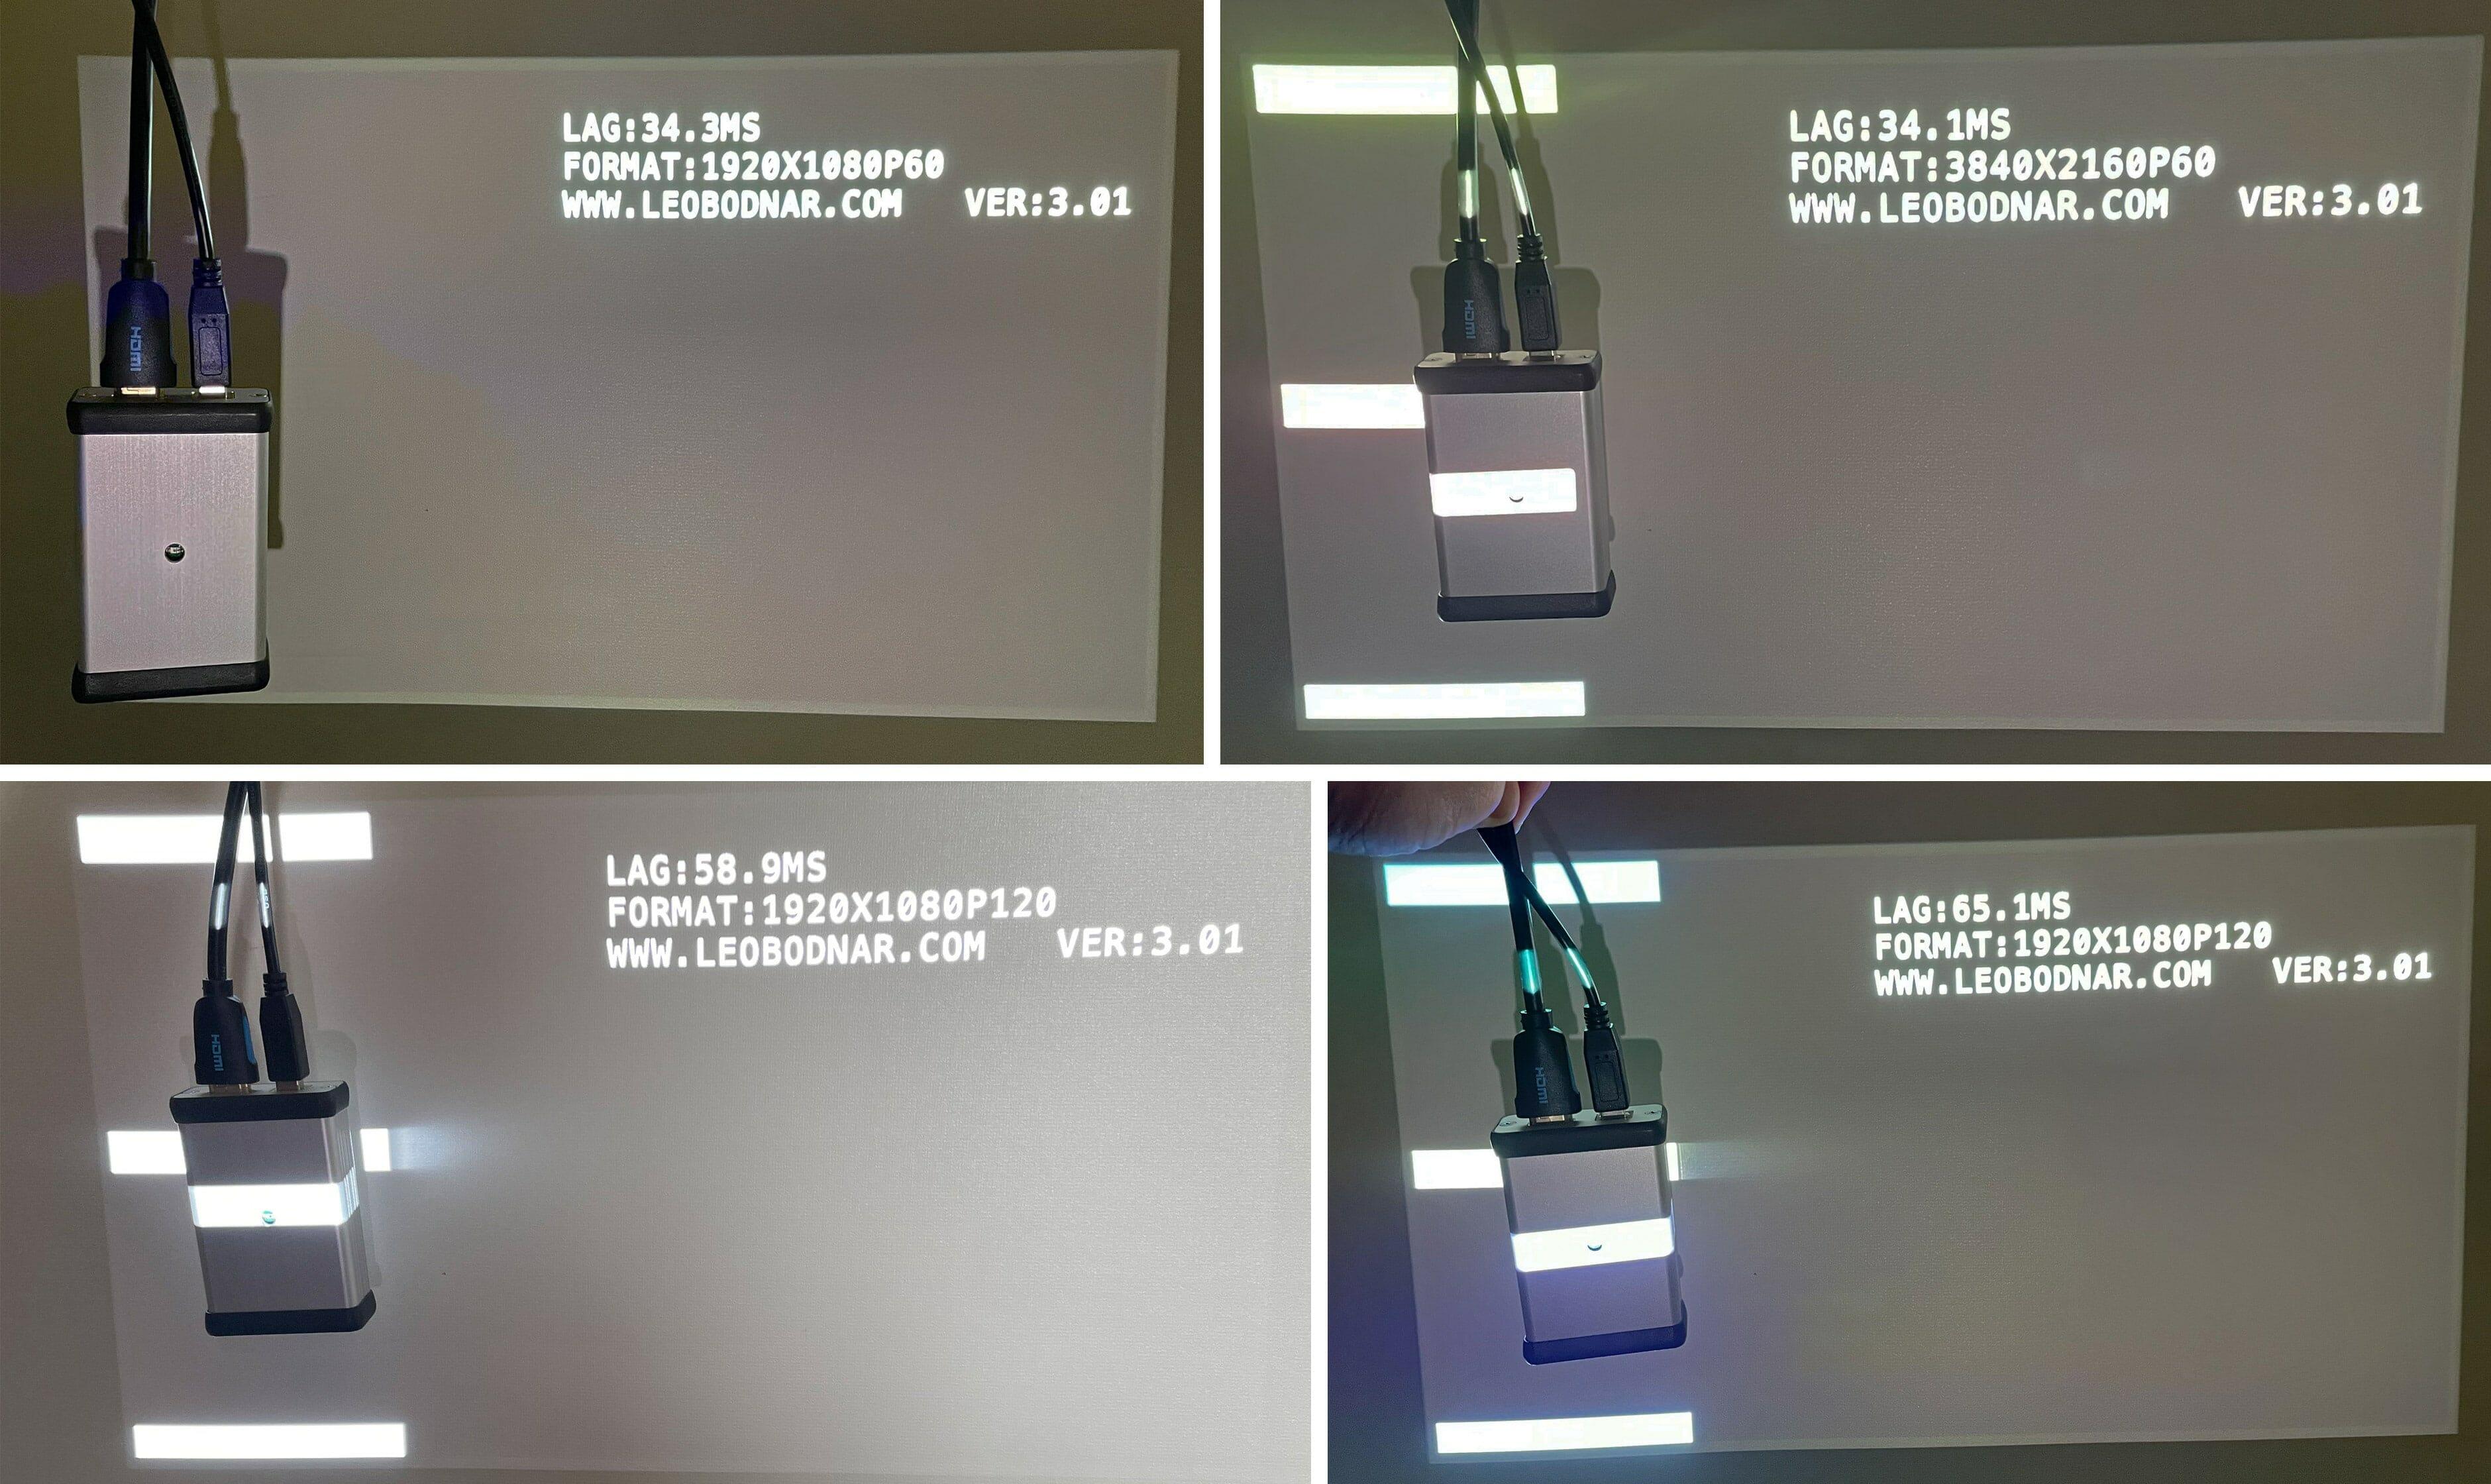 Der Input-Lag des XGIMI Horizon Pro liegt im Gaming-Modus bei 34ms